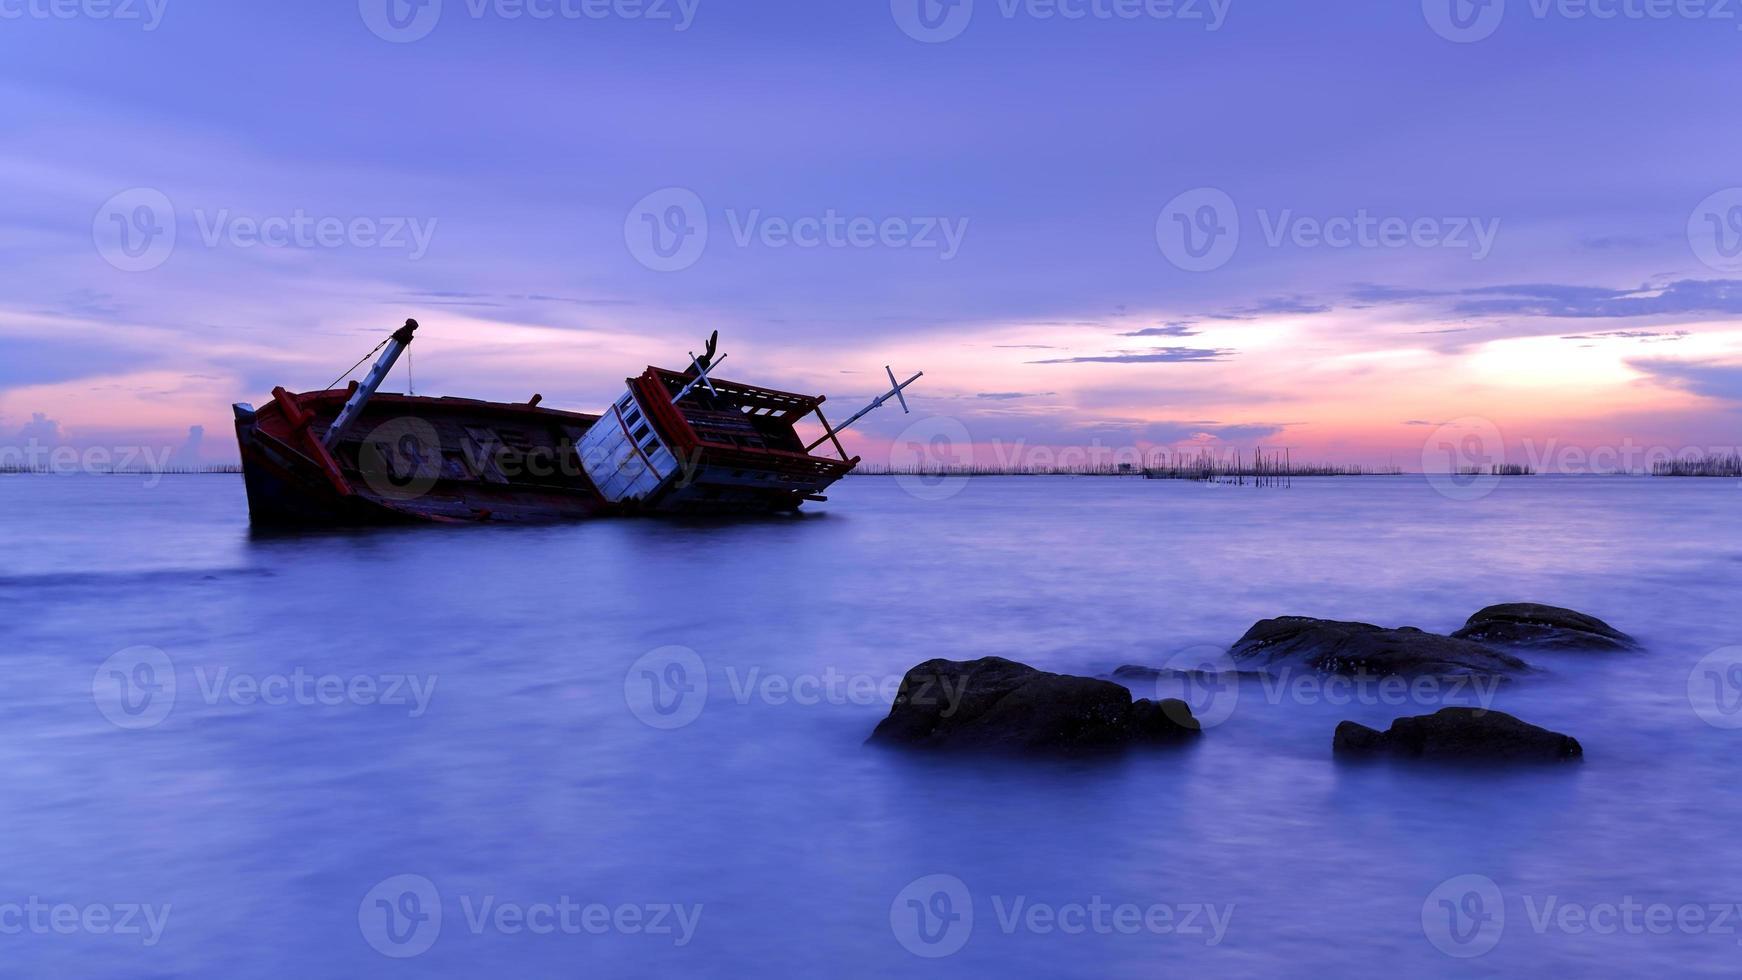 schipbreuk geleden bij zonsondergang foto